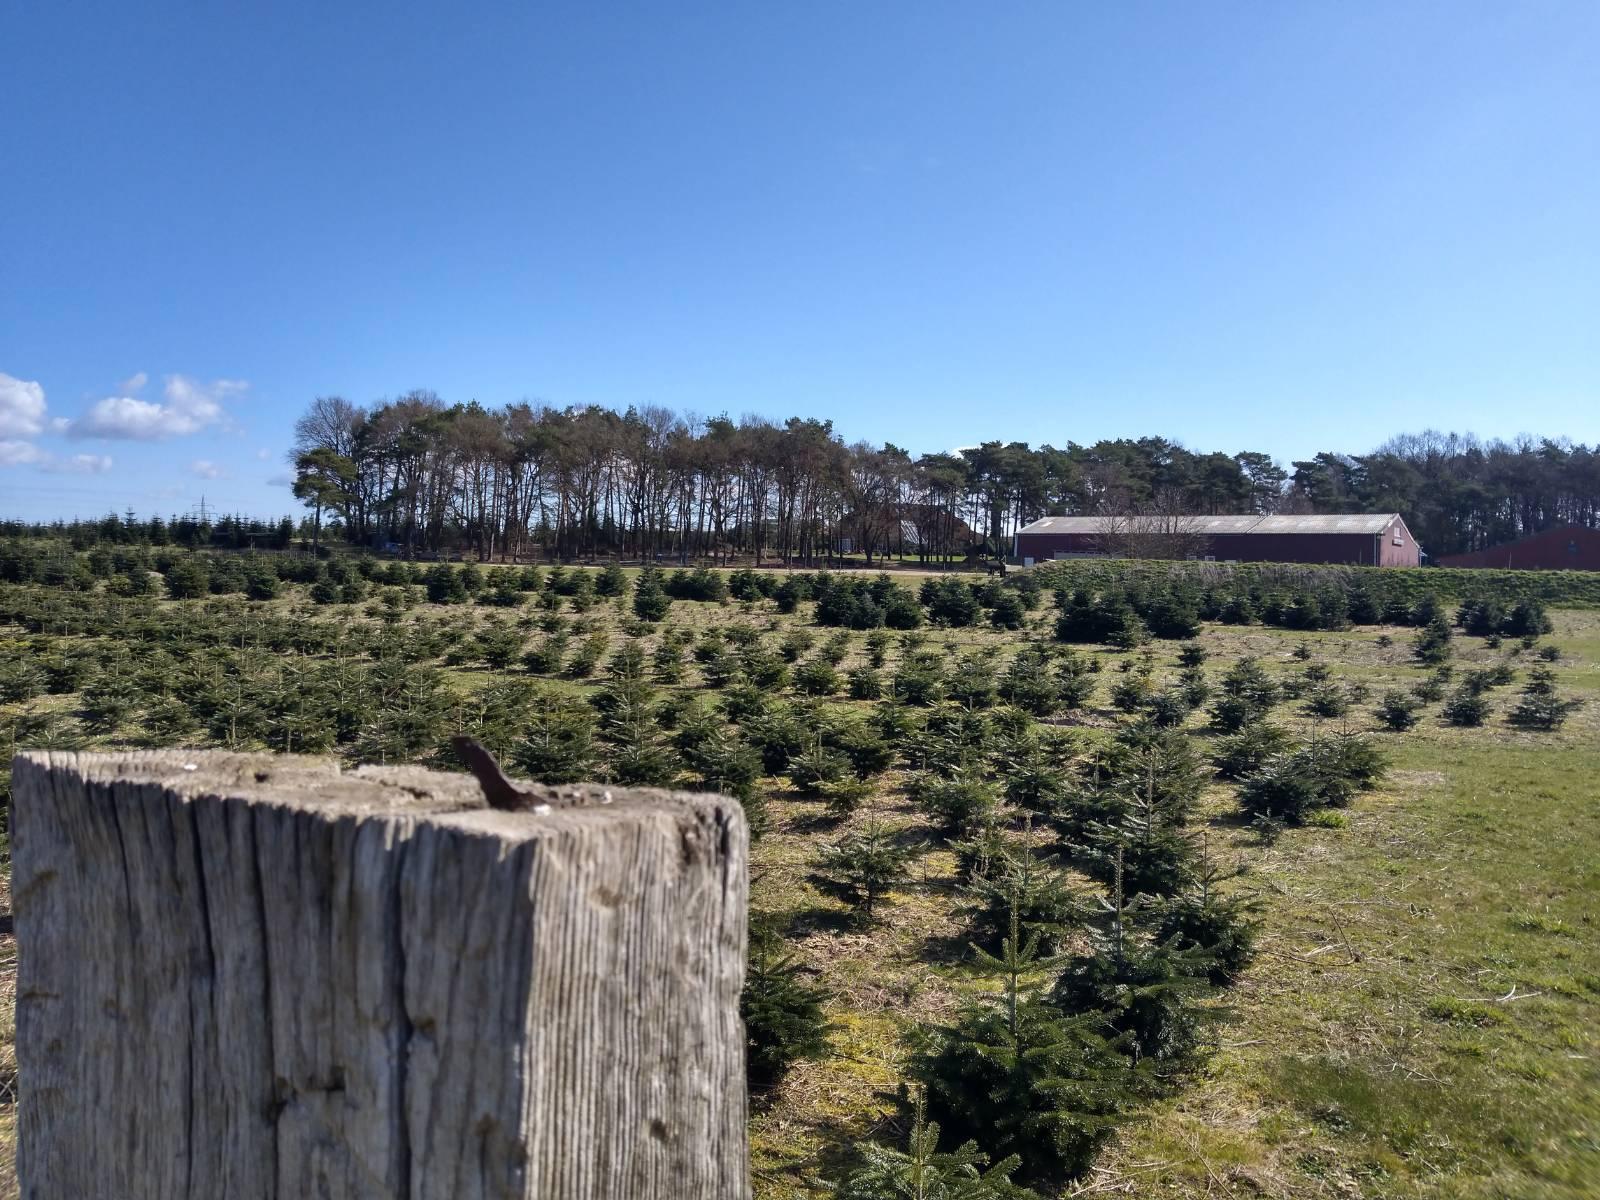 Lauter Tannenbäume für das Weihnachtsfest